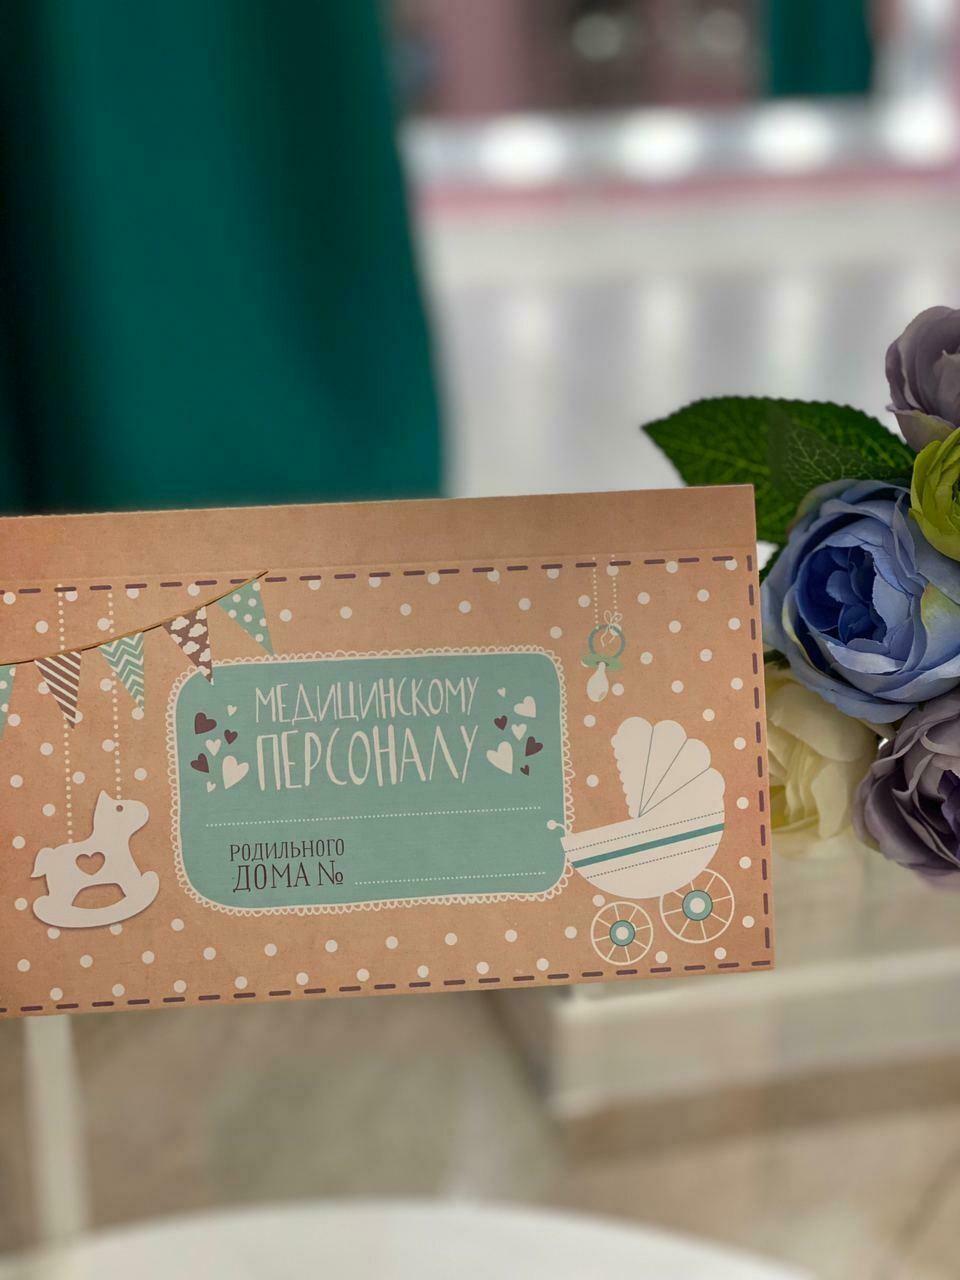 Подарочный конверт с местом под шоколадку